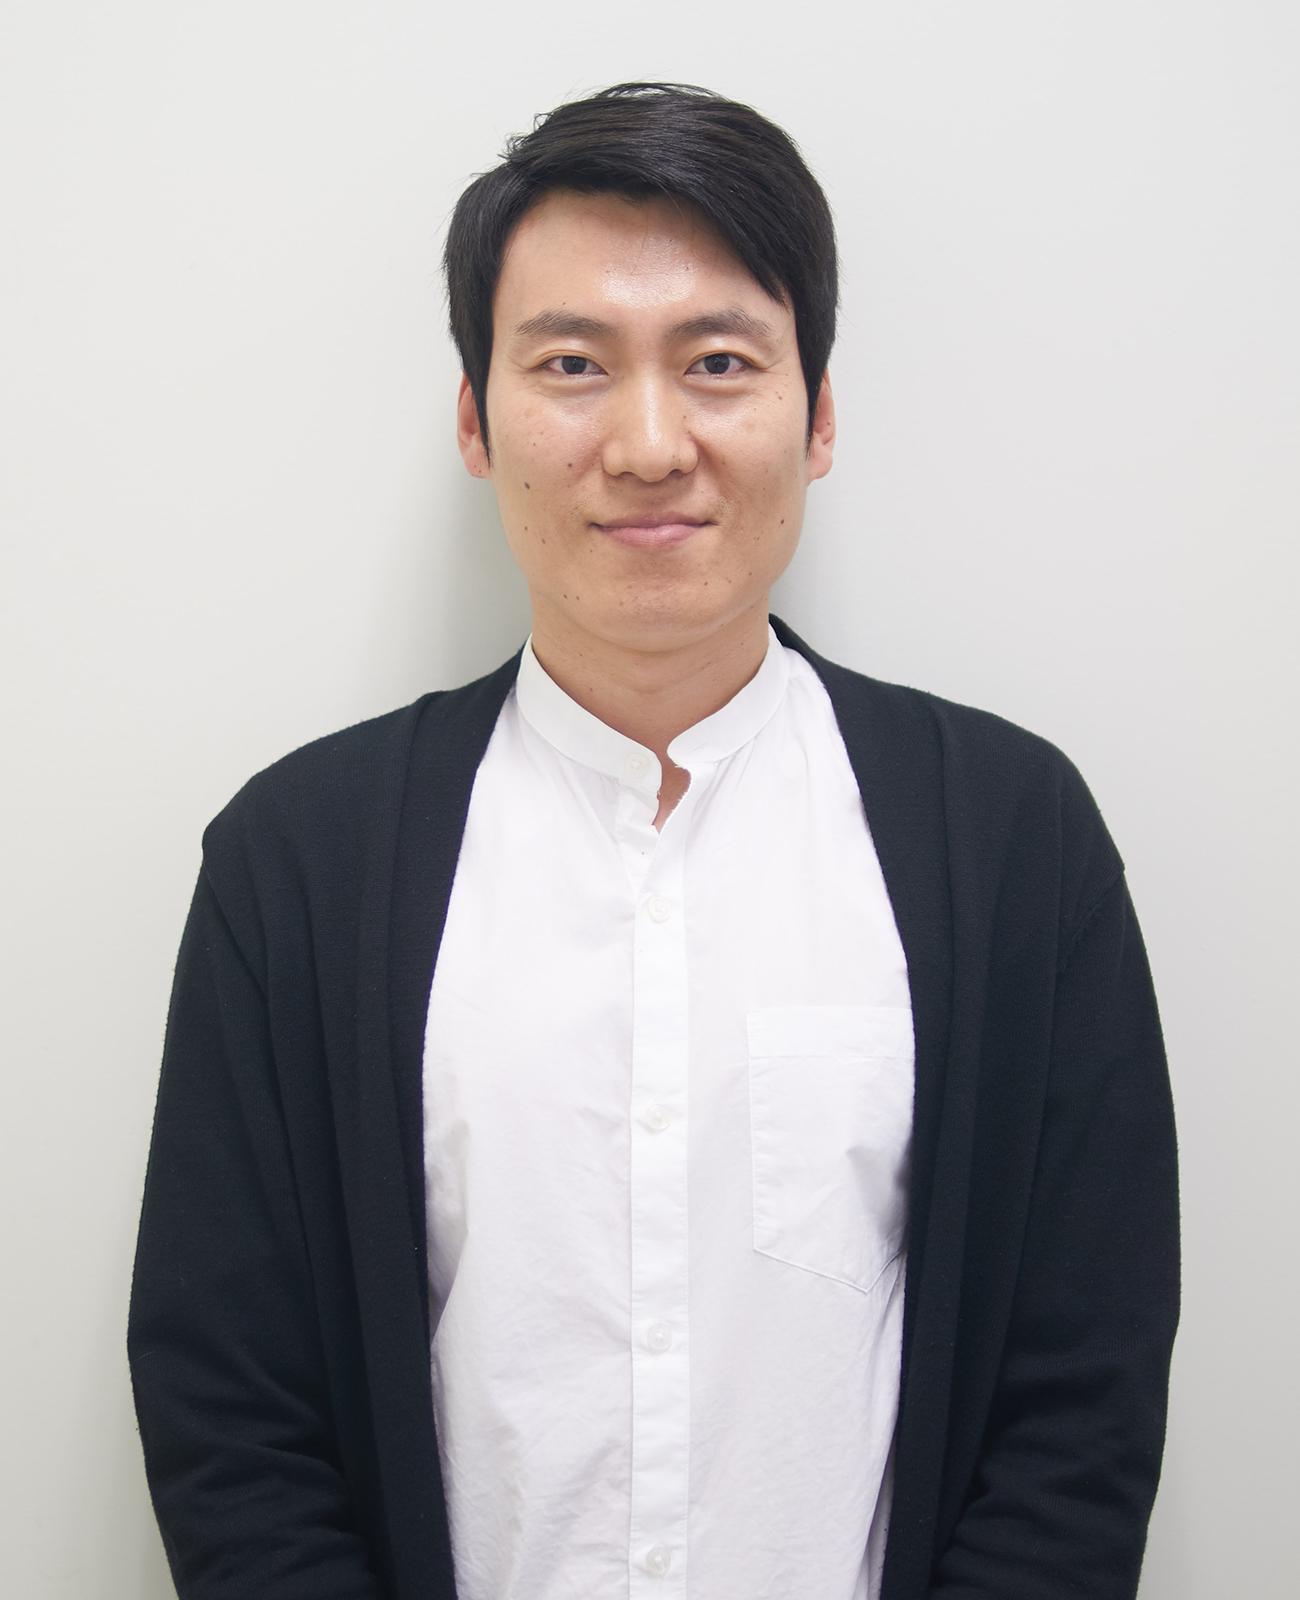 Jun Byun 형제